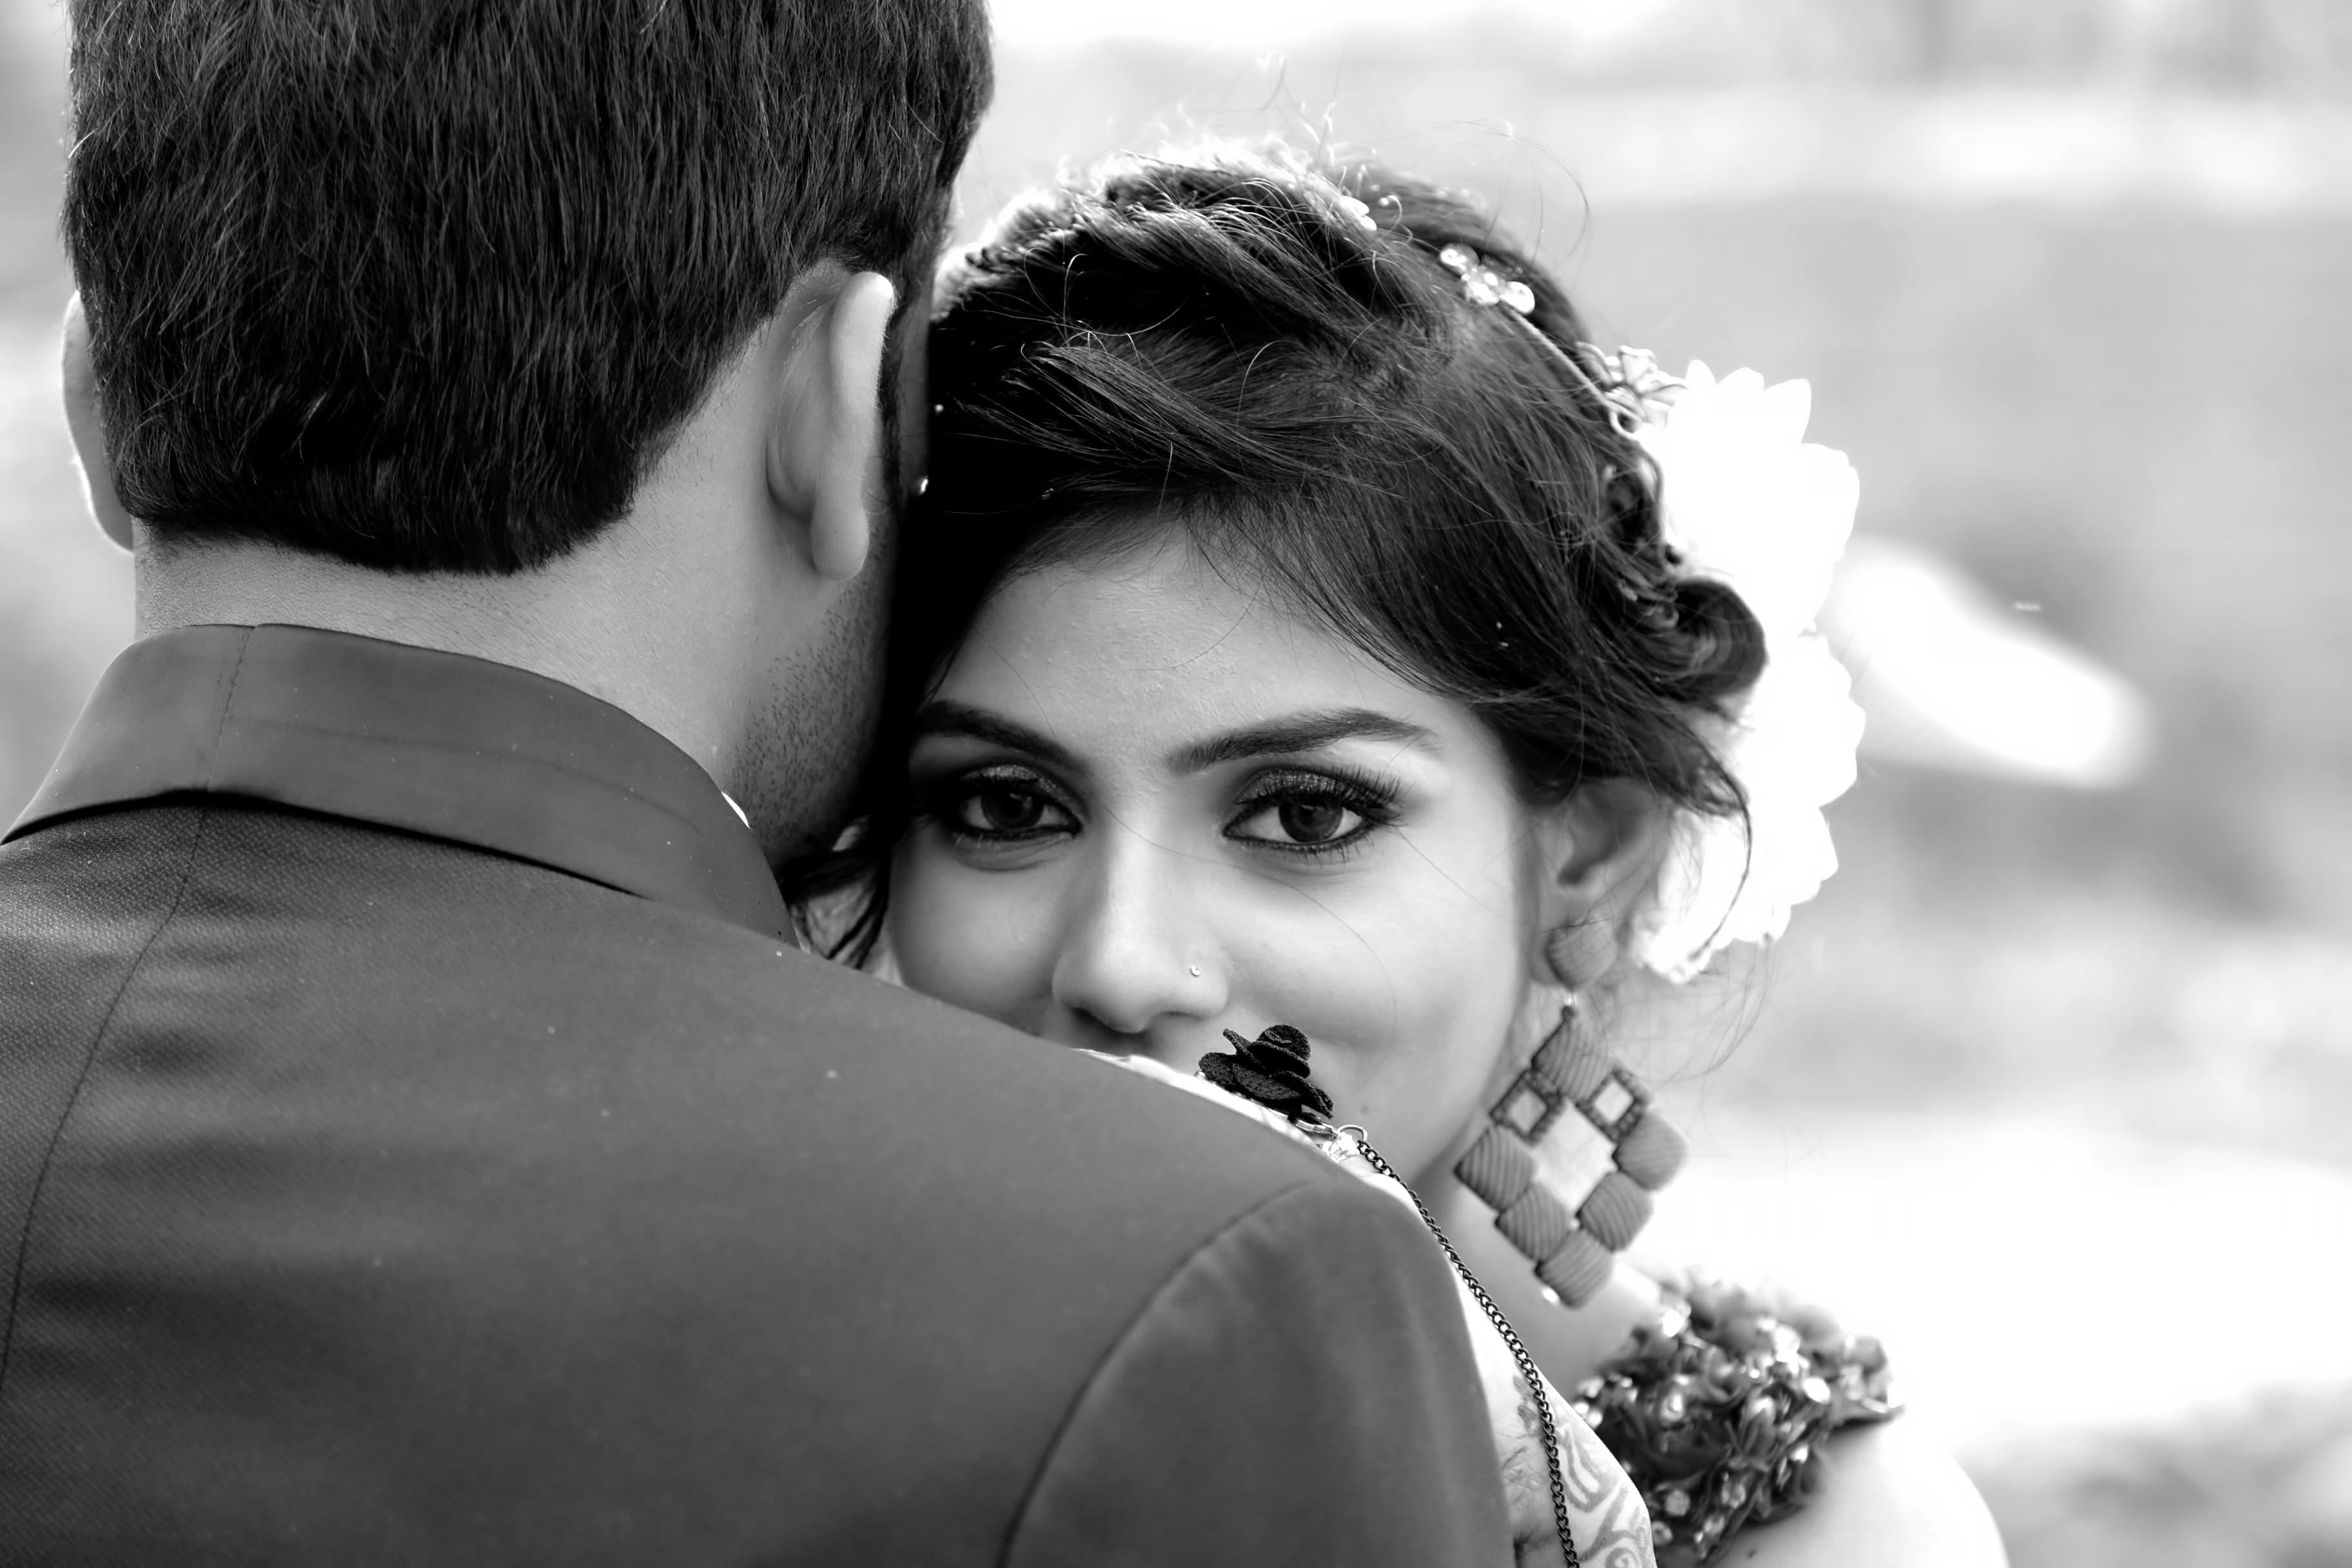 結婚後に再会した男友達と抱きしめ合う女の画像